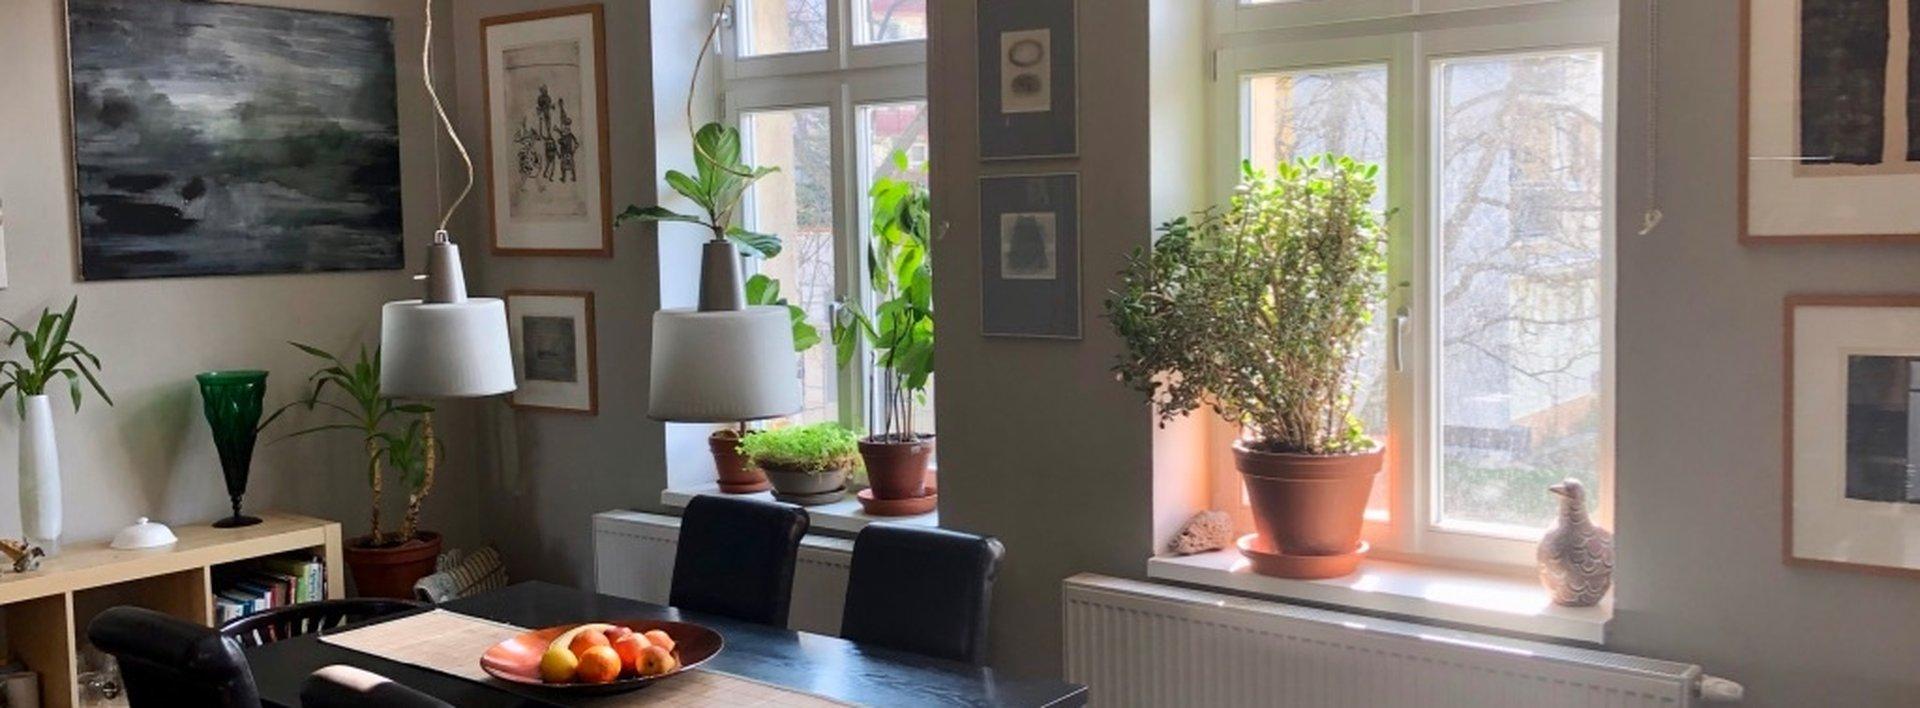 Prodej bytu 4+kk, 89 m² - Liberec - Staré Město, ul Ruprechtická, Ev.č.: N48707